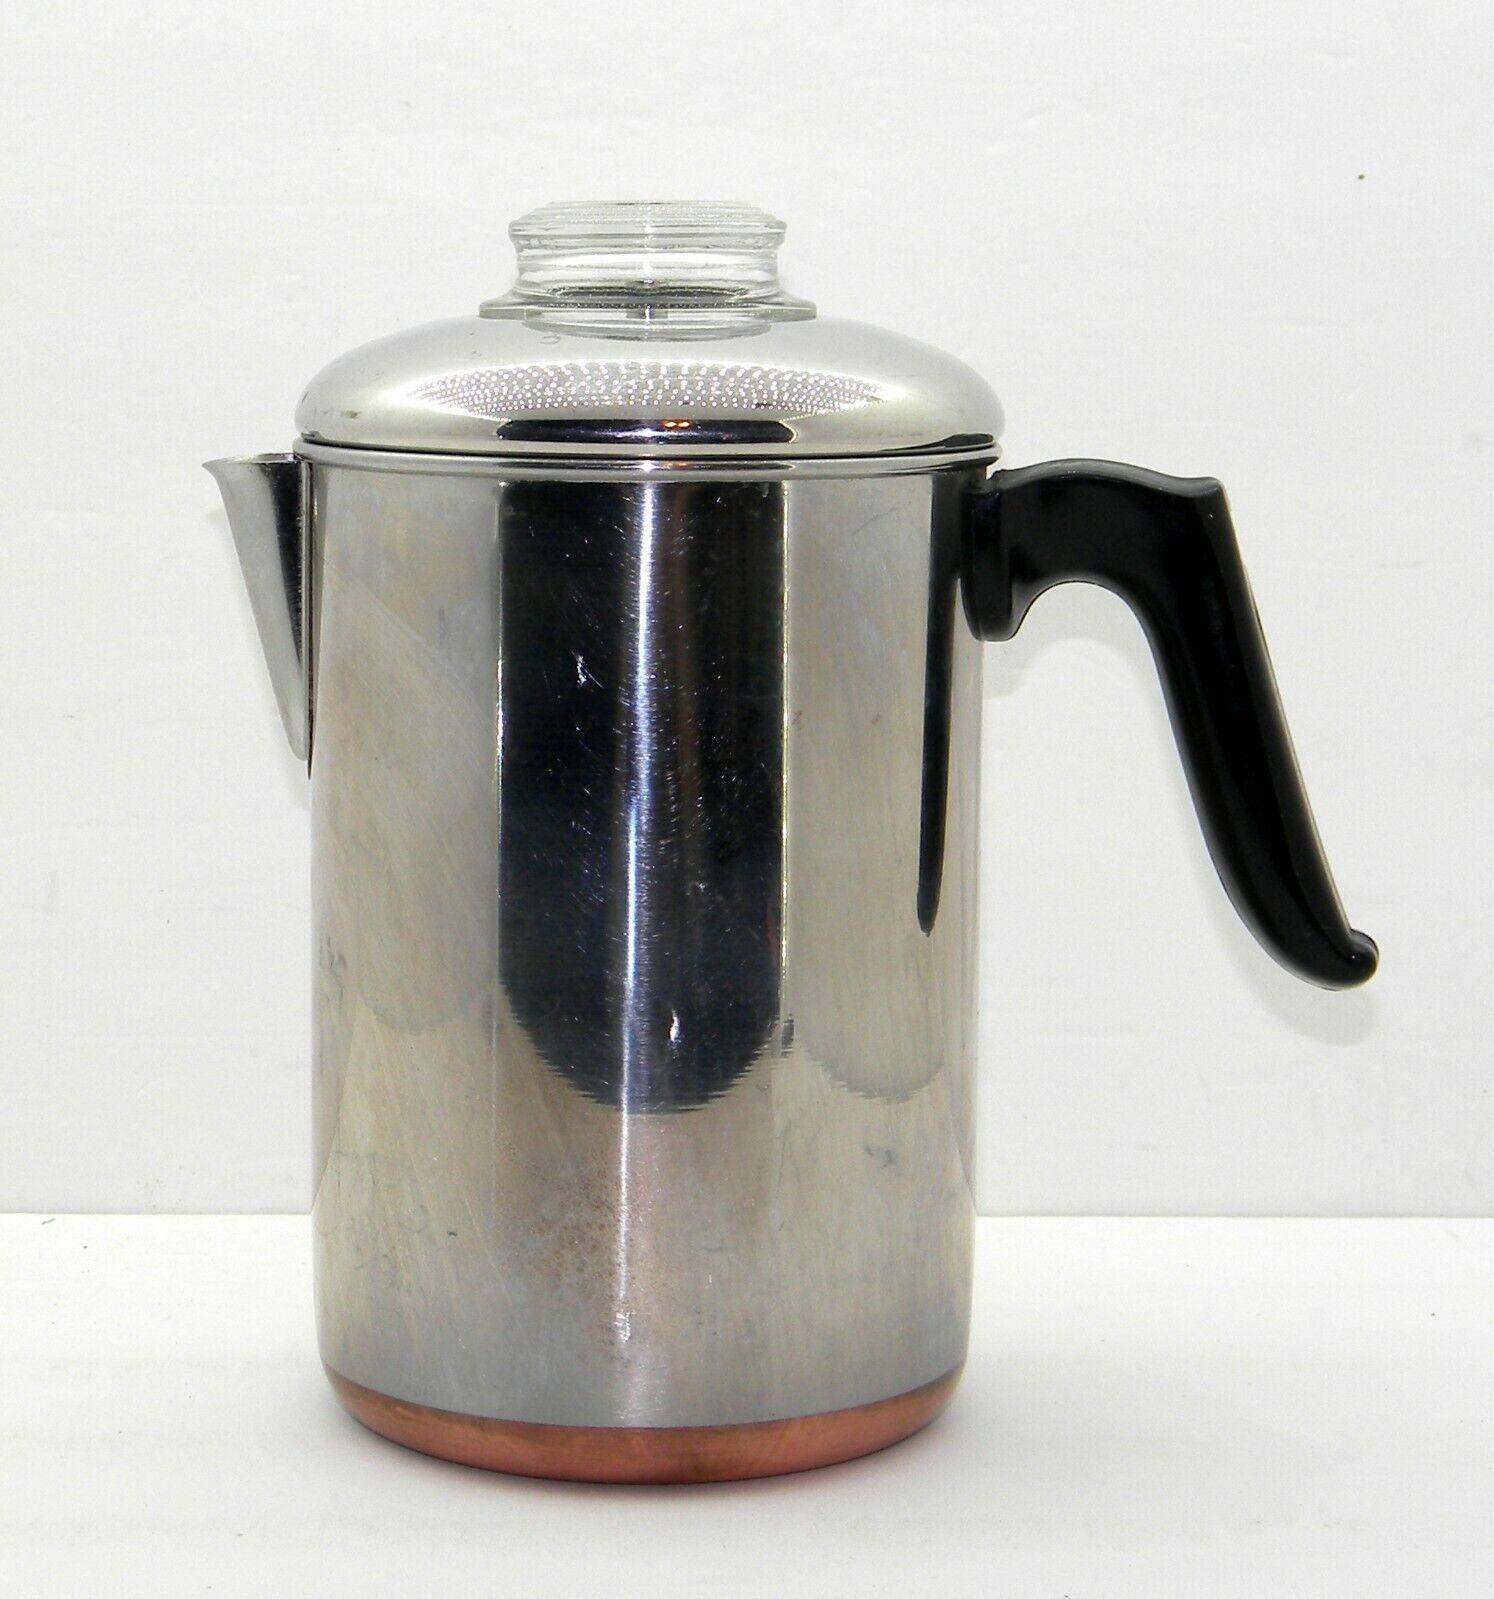 Vintage Revere Ware 1801 Percolator Copper Clad Bottom Coffe